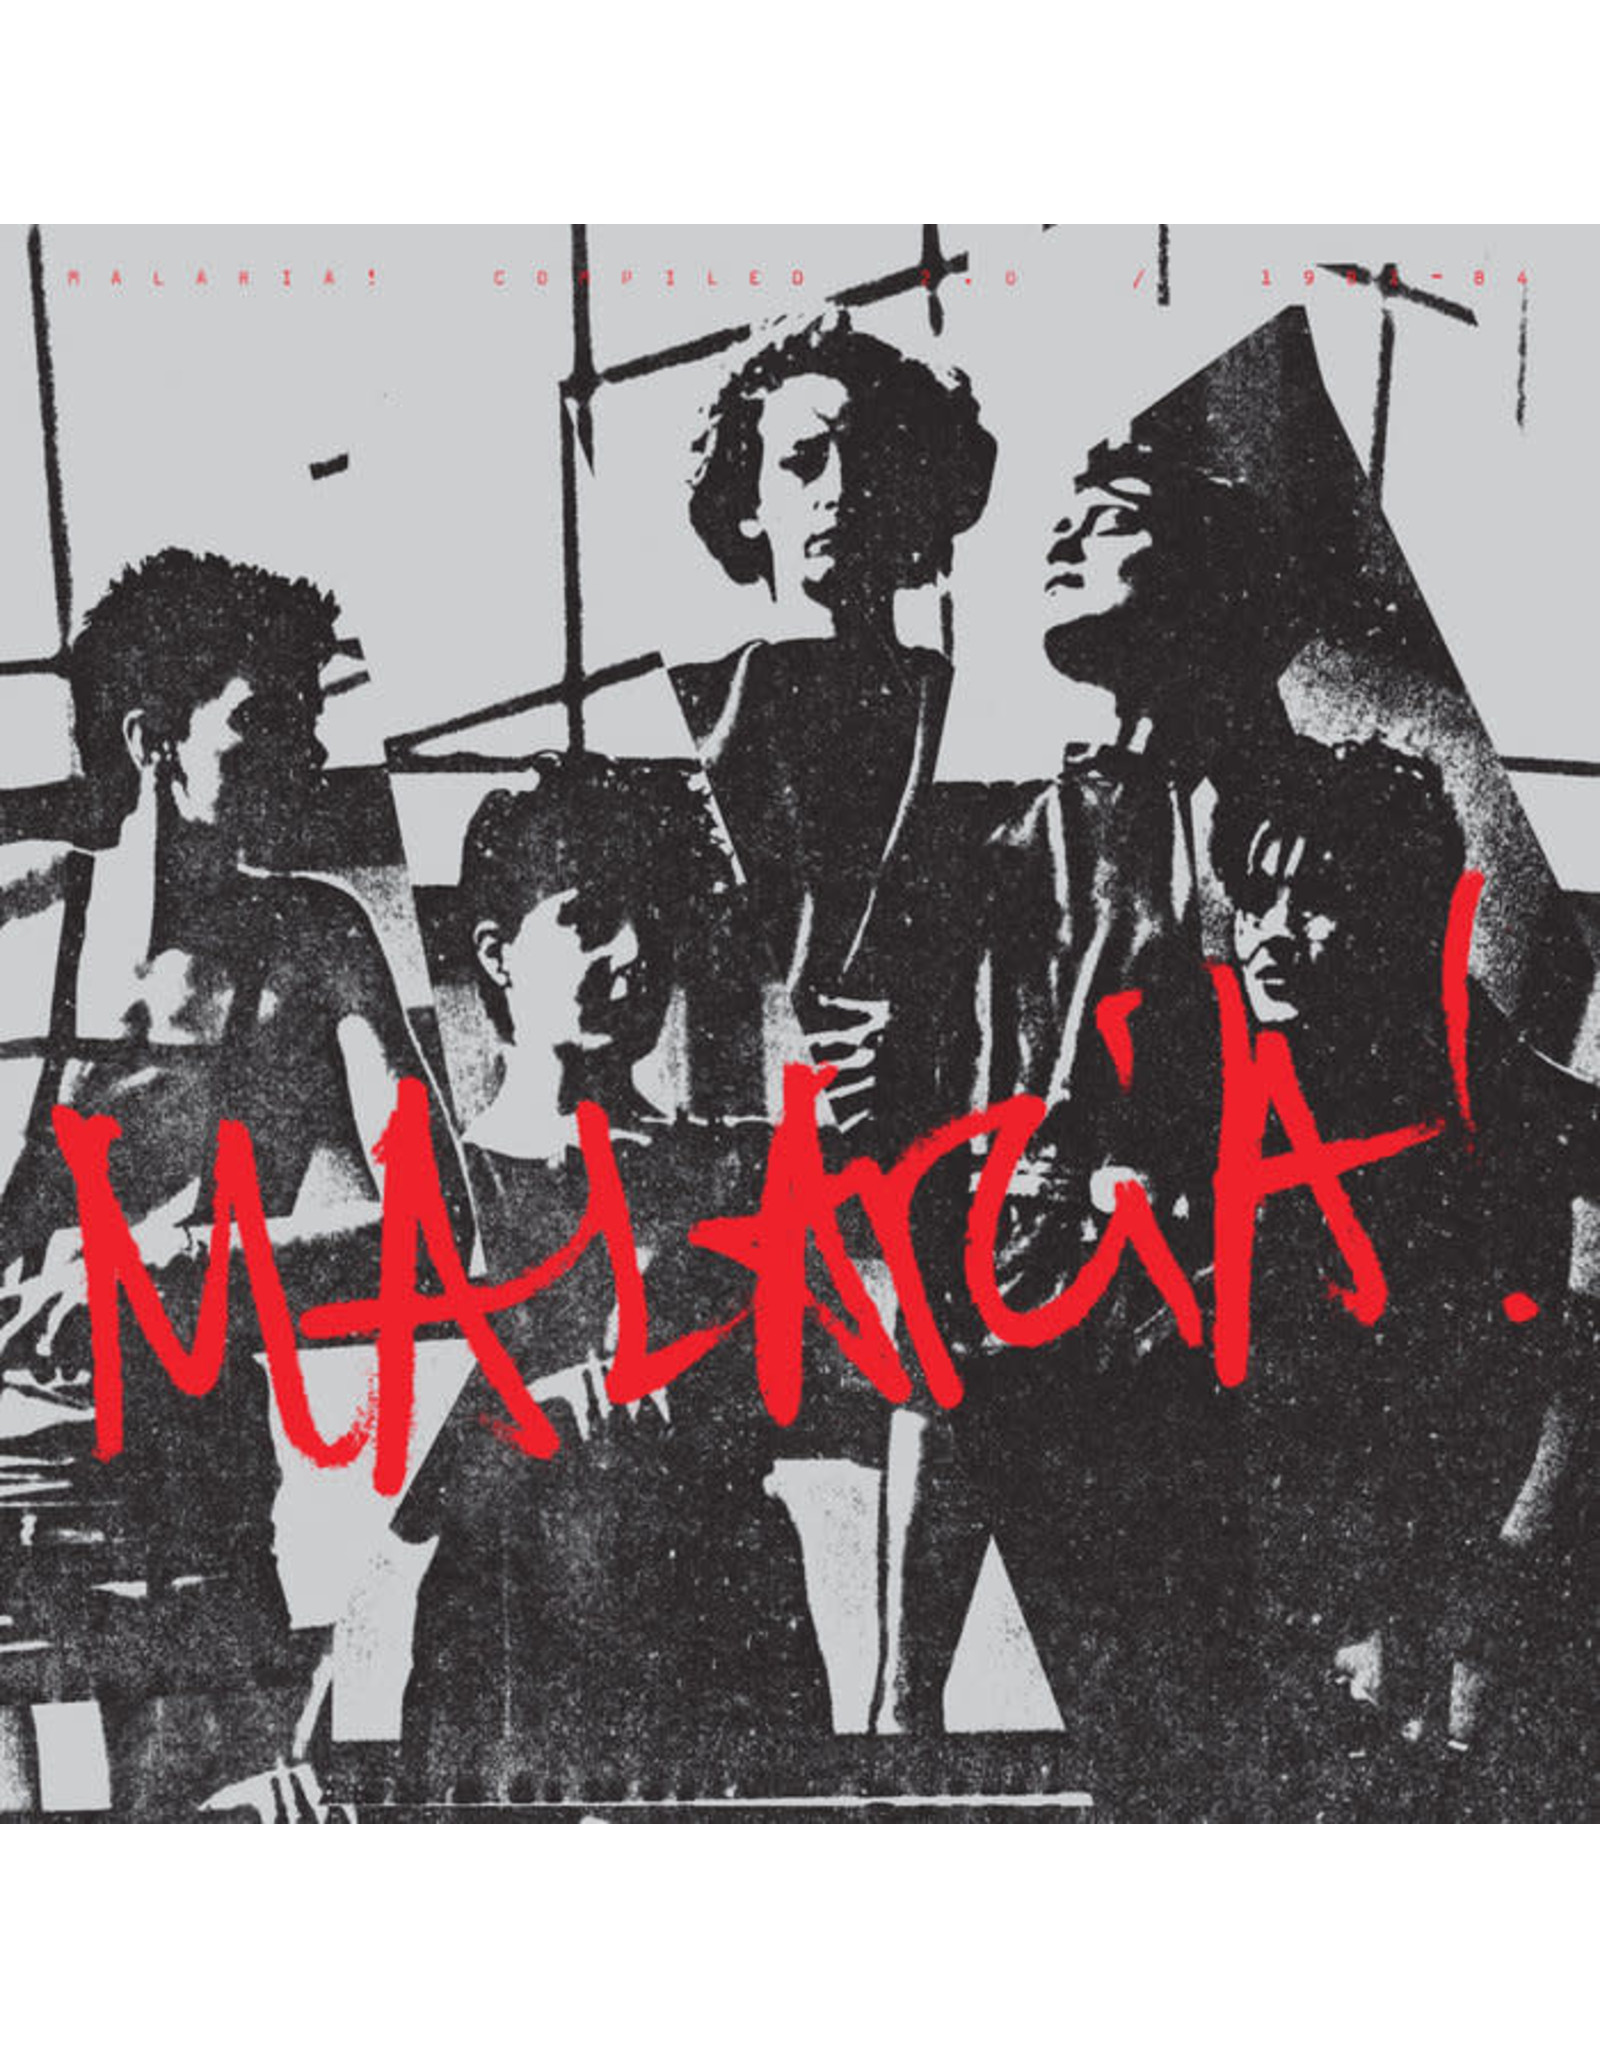 New Vinyl Malaria! - Compiled 2.0: 1981-1984 2LP